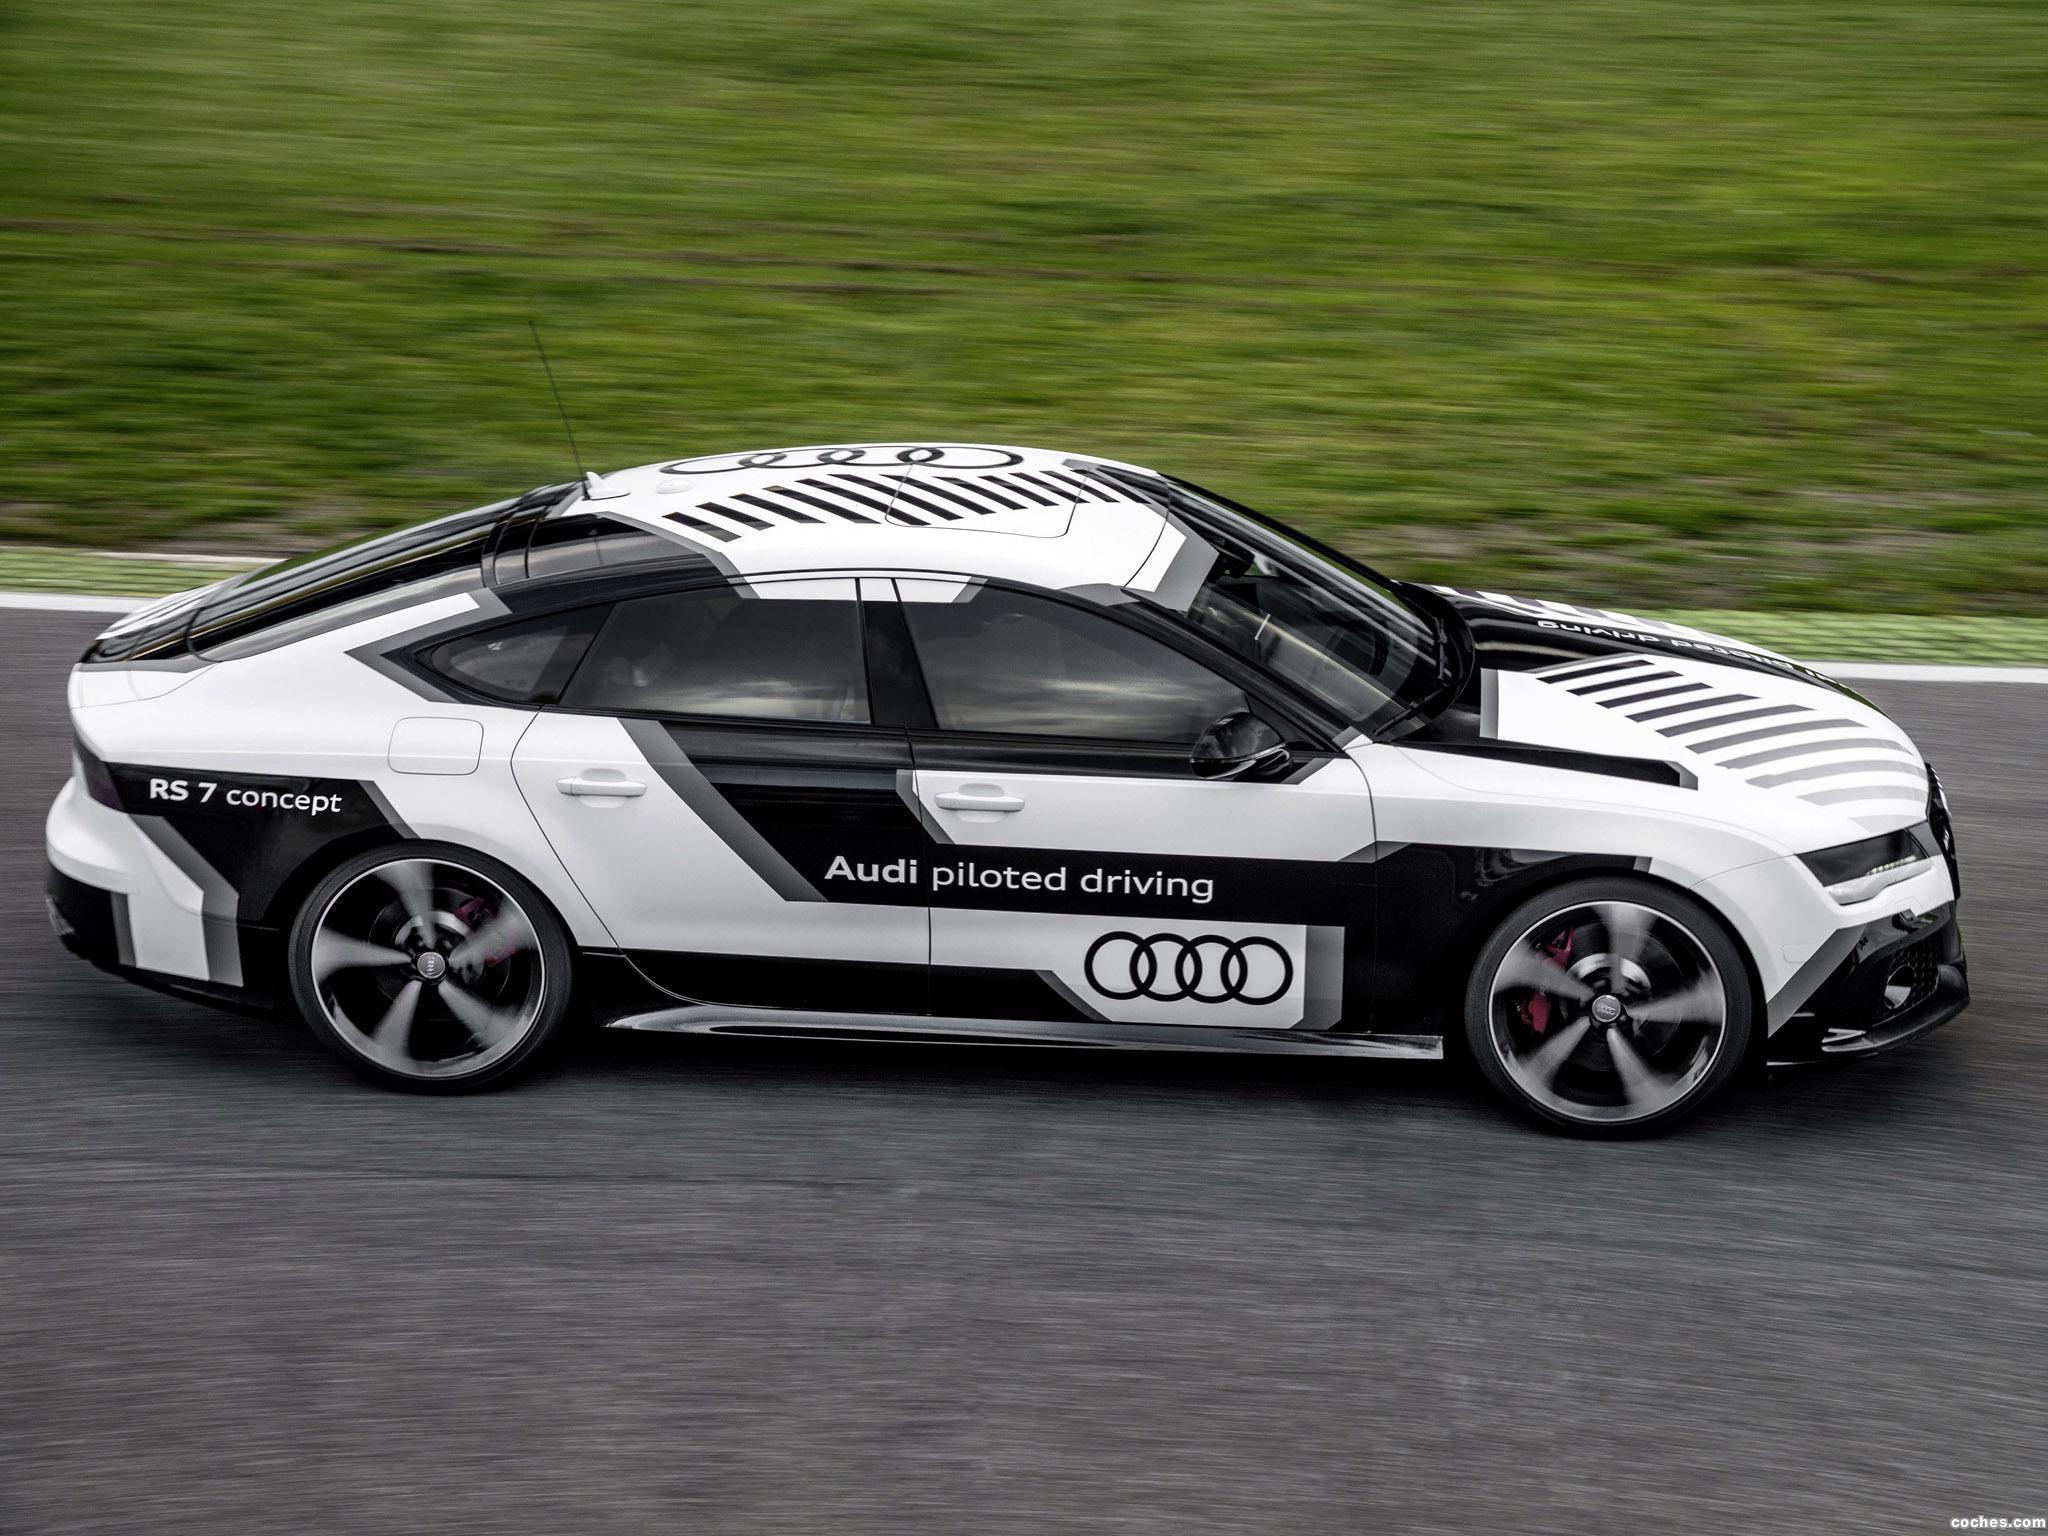 Foto 10 de Audi RS7 Piloted Driving Concept 2014